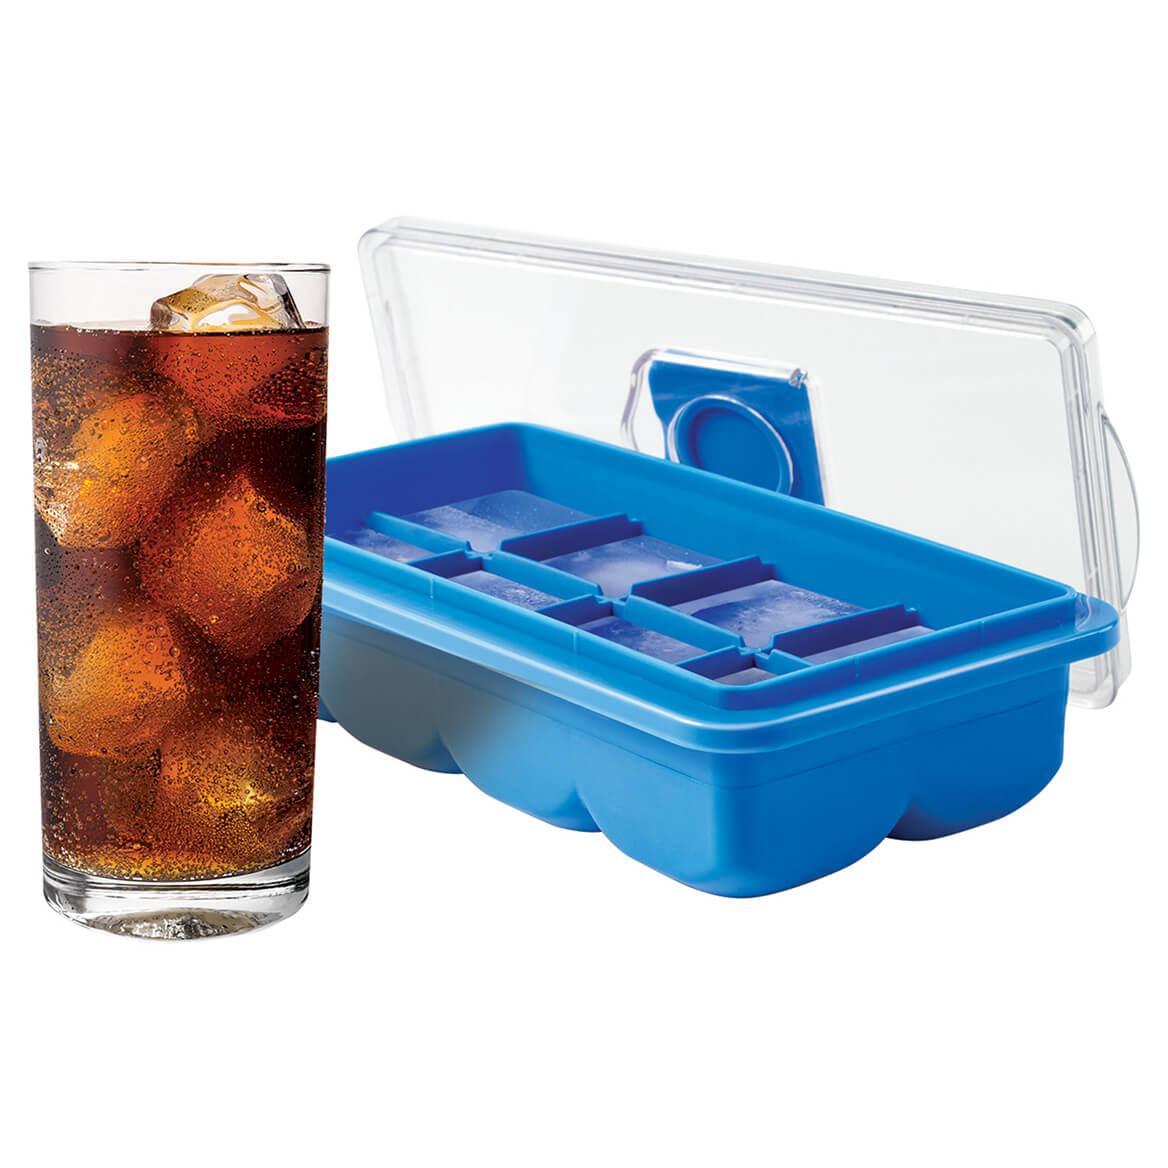 Easy Fill Jumbo Ice Cube Tray-364681